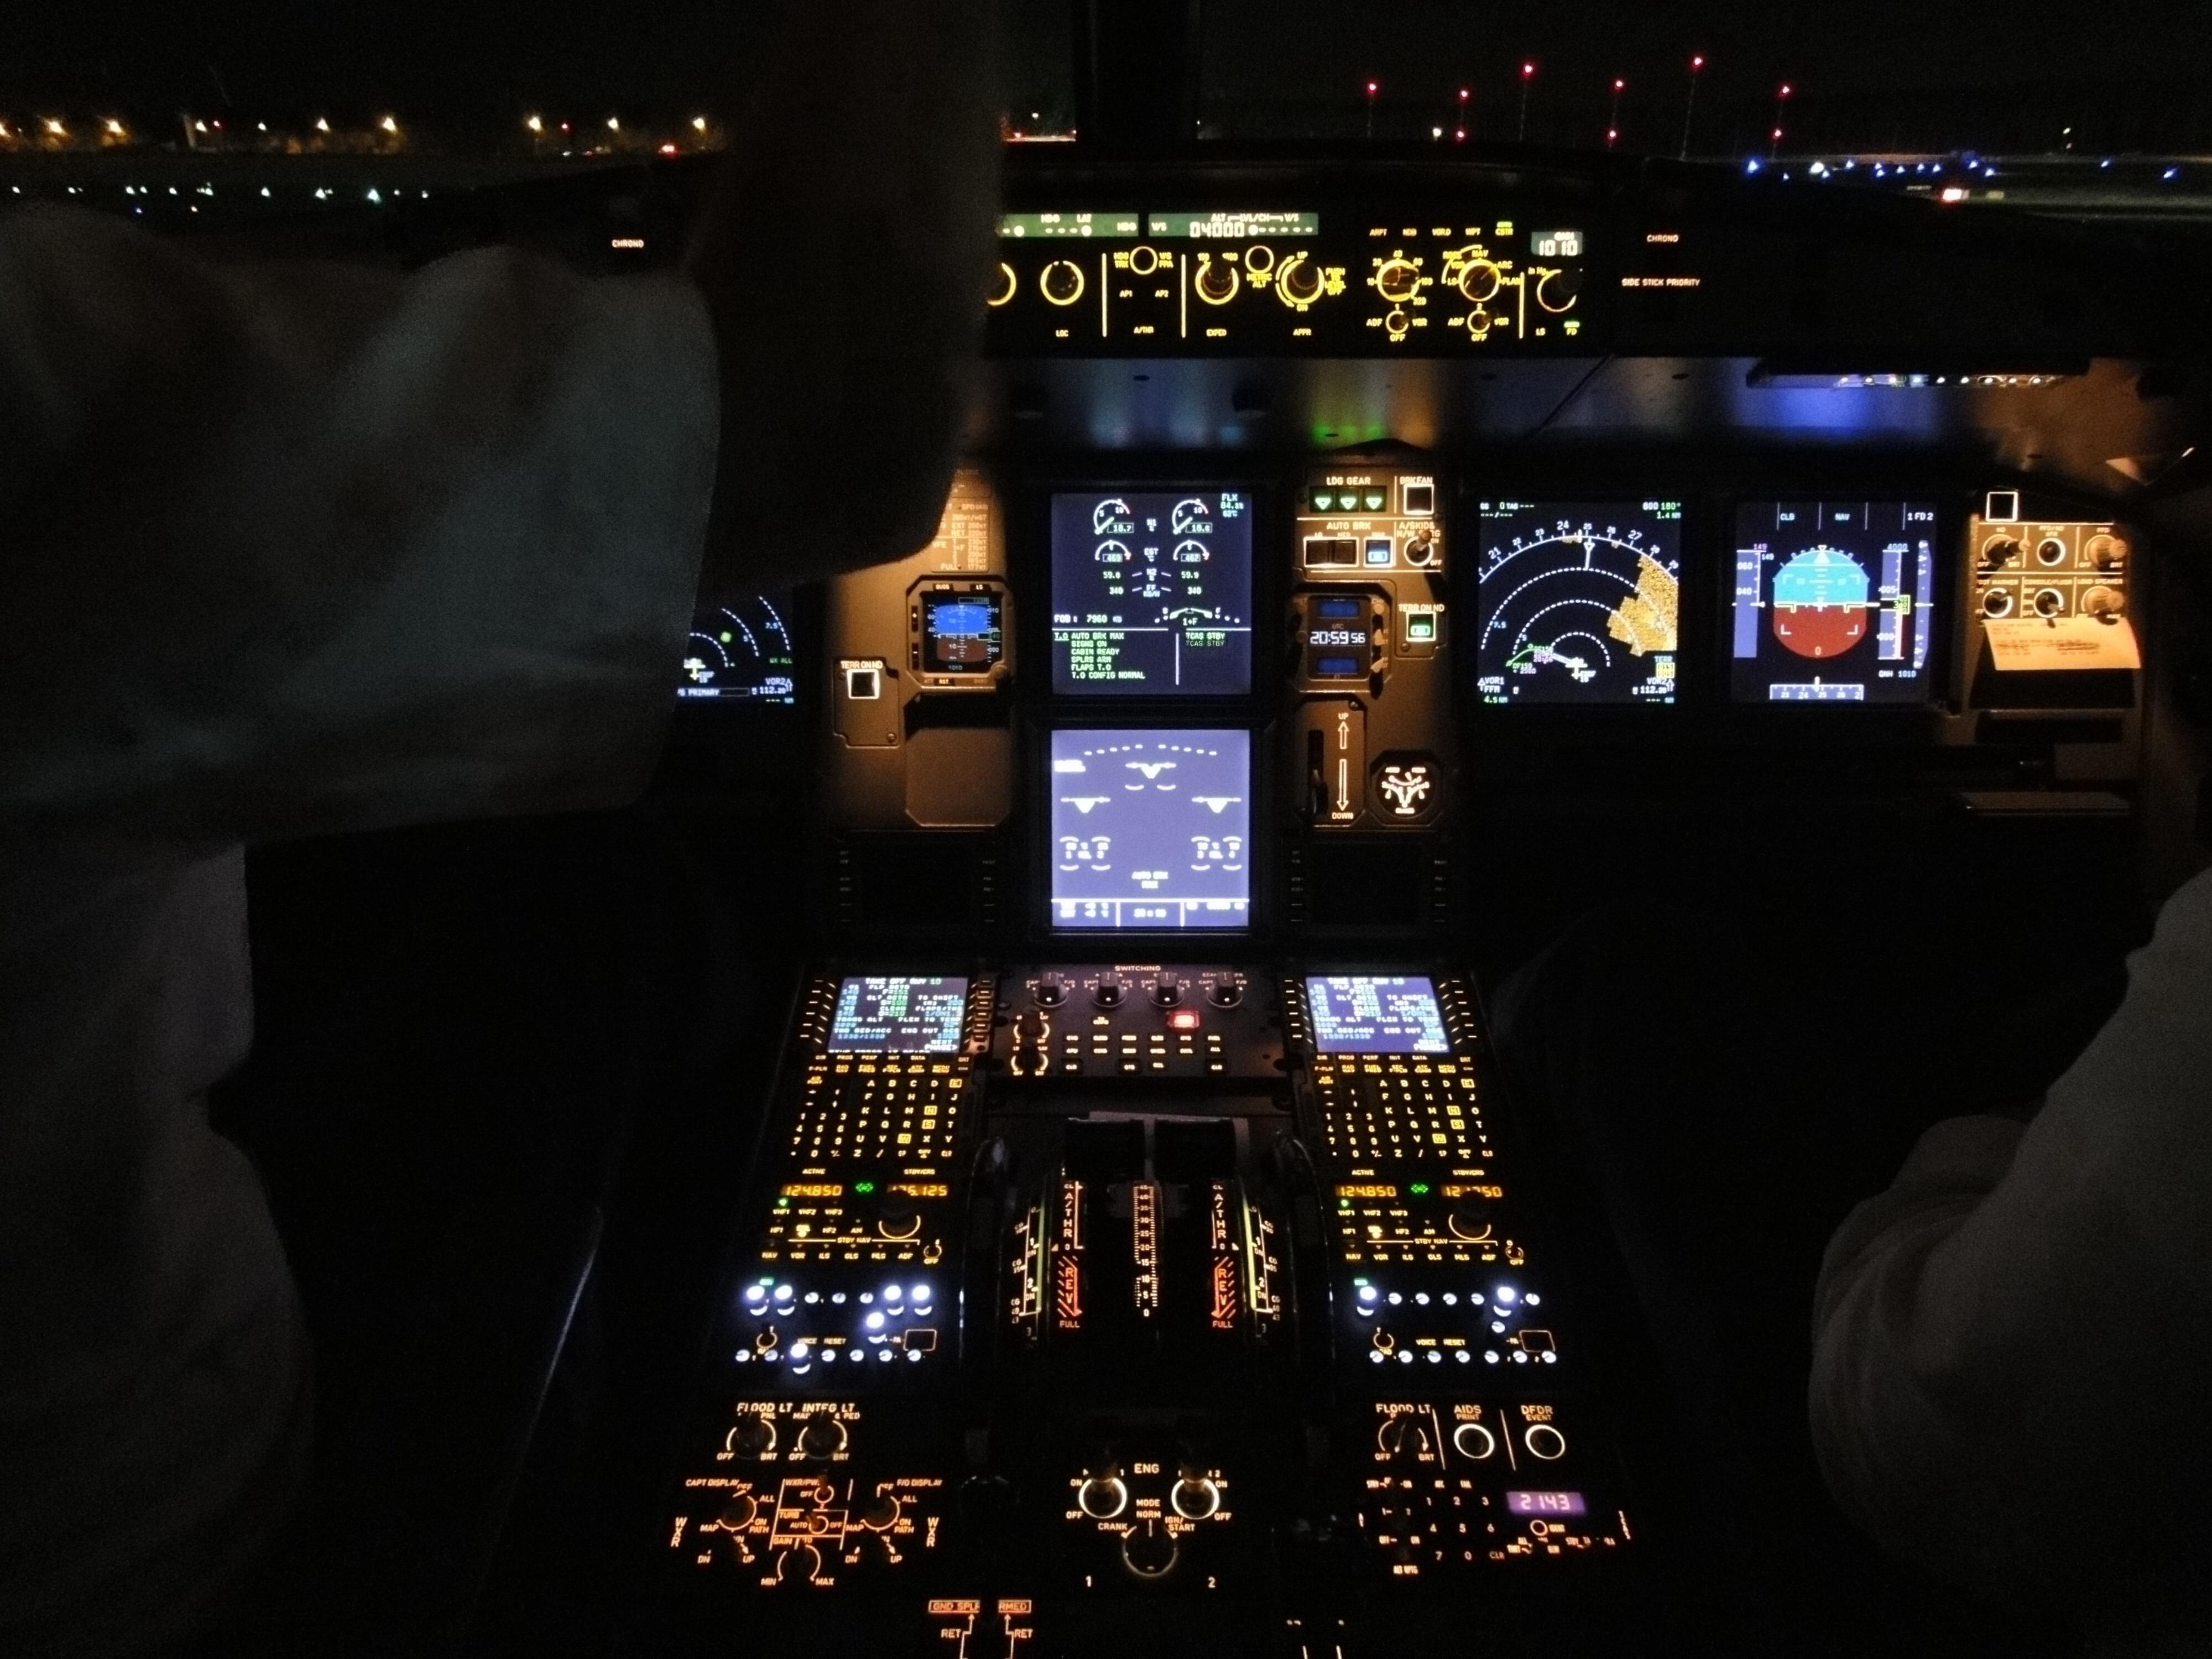 Nachtflug nach Wien, Landung am 23.12 um 23:05, Ankunft im Crewhotel am 24.12. um 0:15.